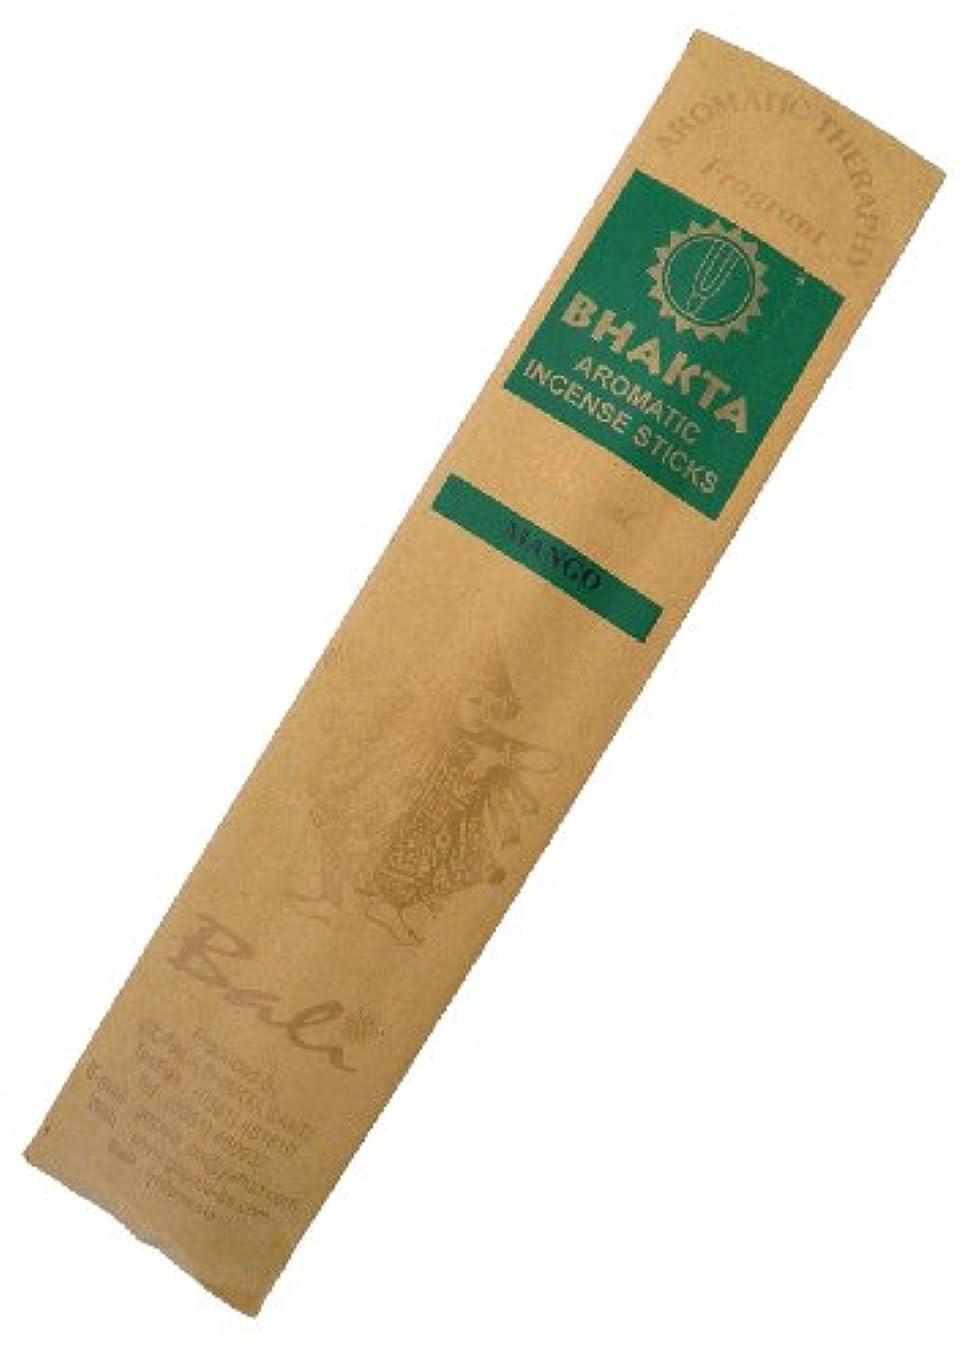 お香 BHAKTA ナチュラル スティック 香(マンゴー)ロングタイプ インセンス[アロマセラピー 癒し リラックス 雰囲気作り]インドネシア?バリ島のお香